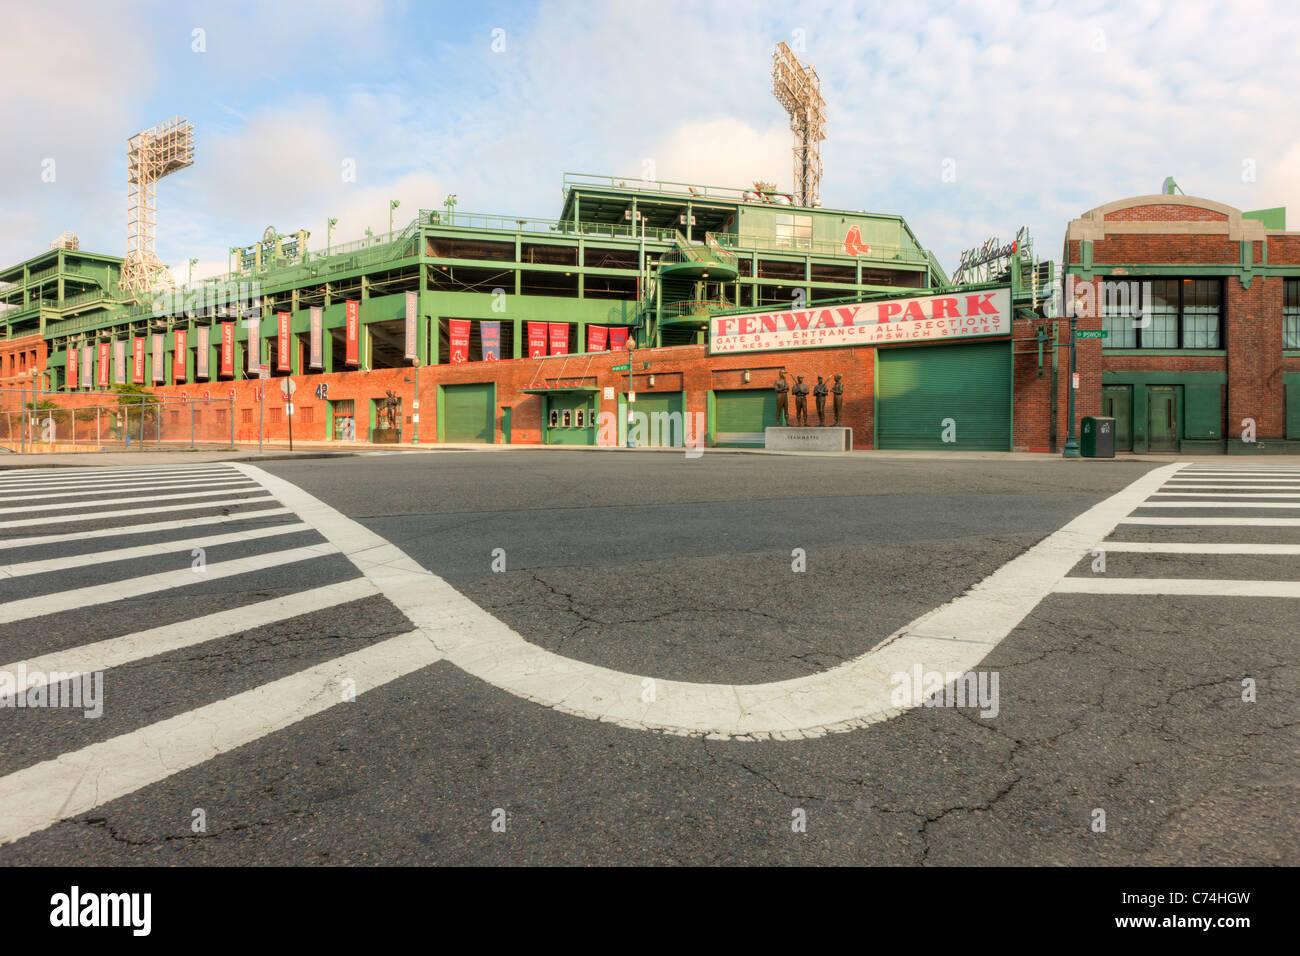 Una vista del histórico Fenway Park en Boston, Massachusetts desde justo fuera de la puerta B. Imagen De Stock